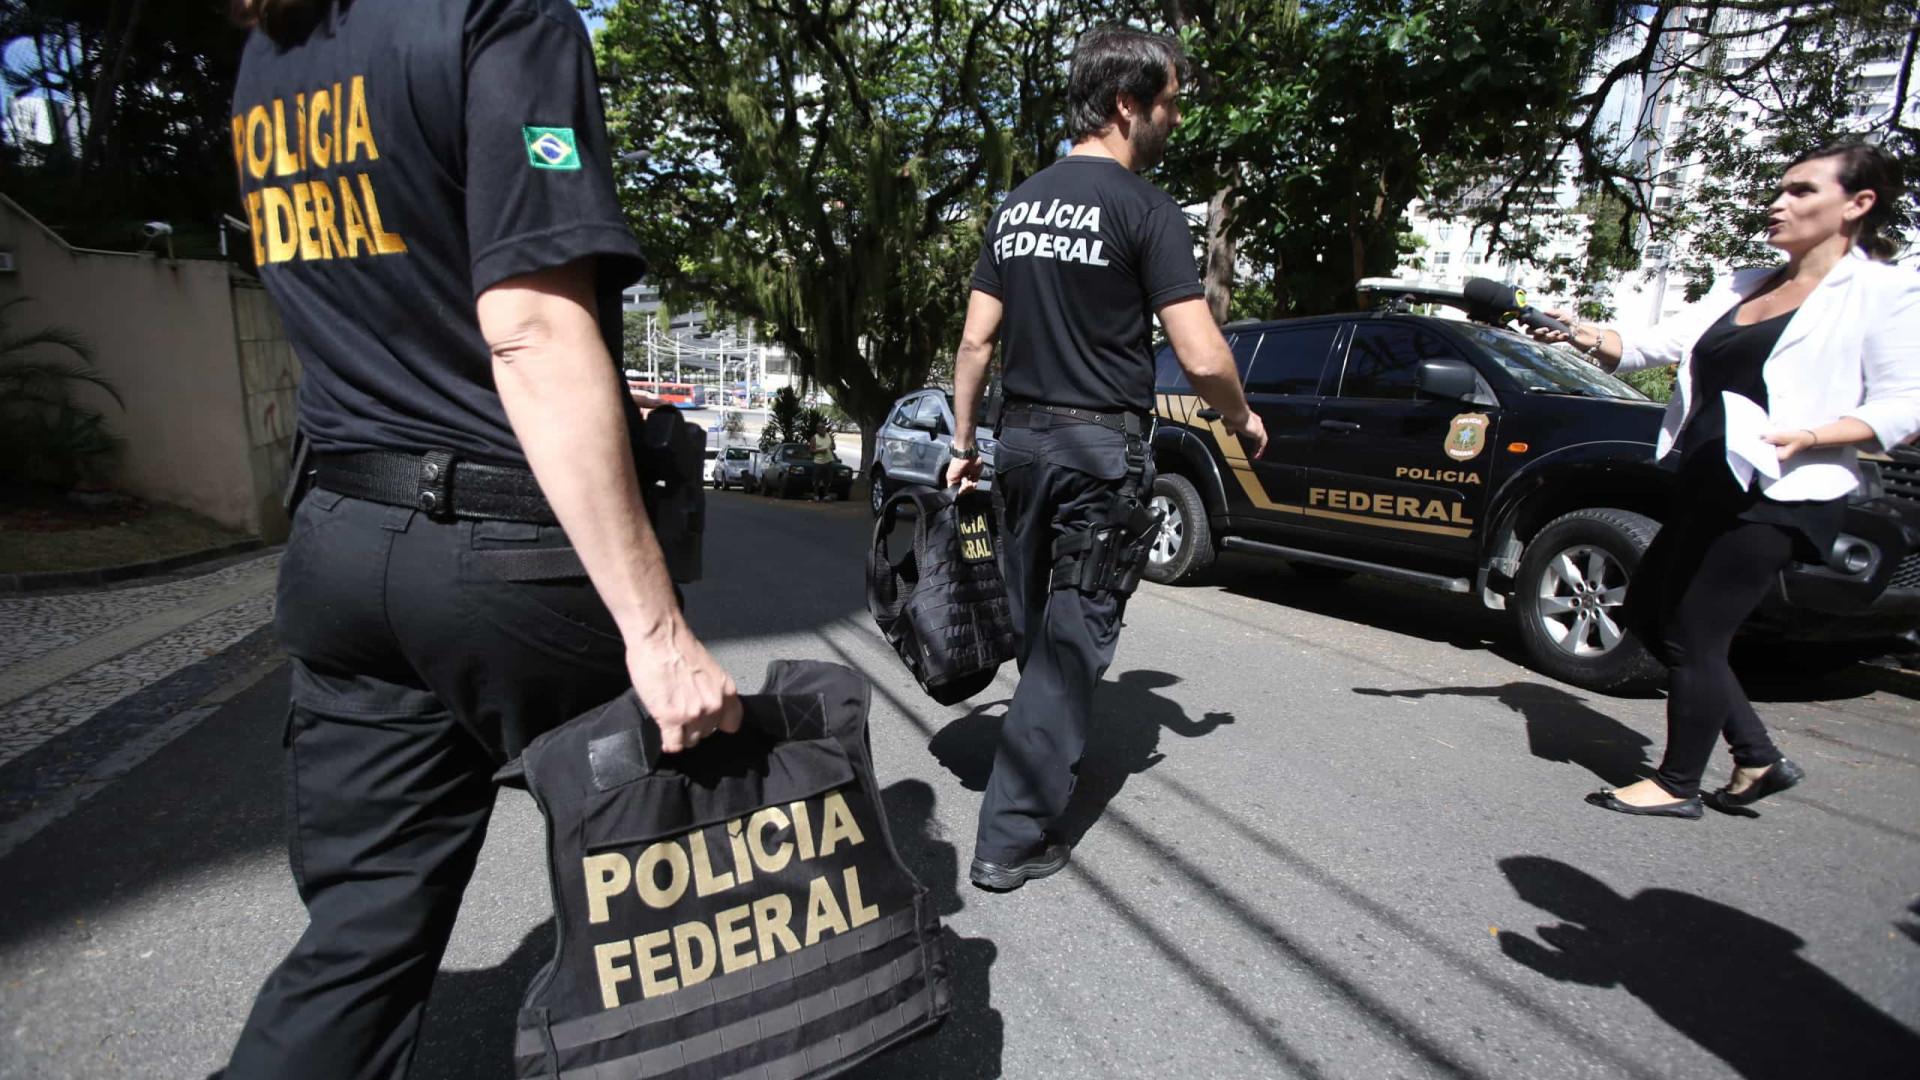 Escritório da primeira-dama também é alvo de operação no Rio